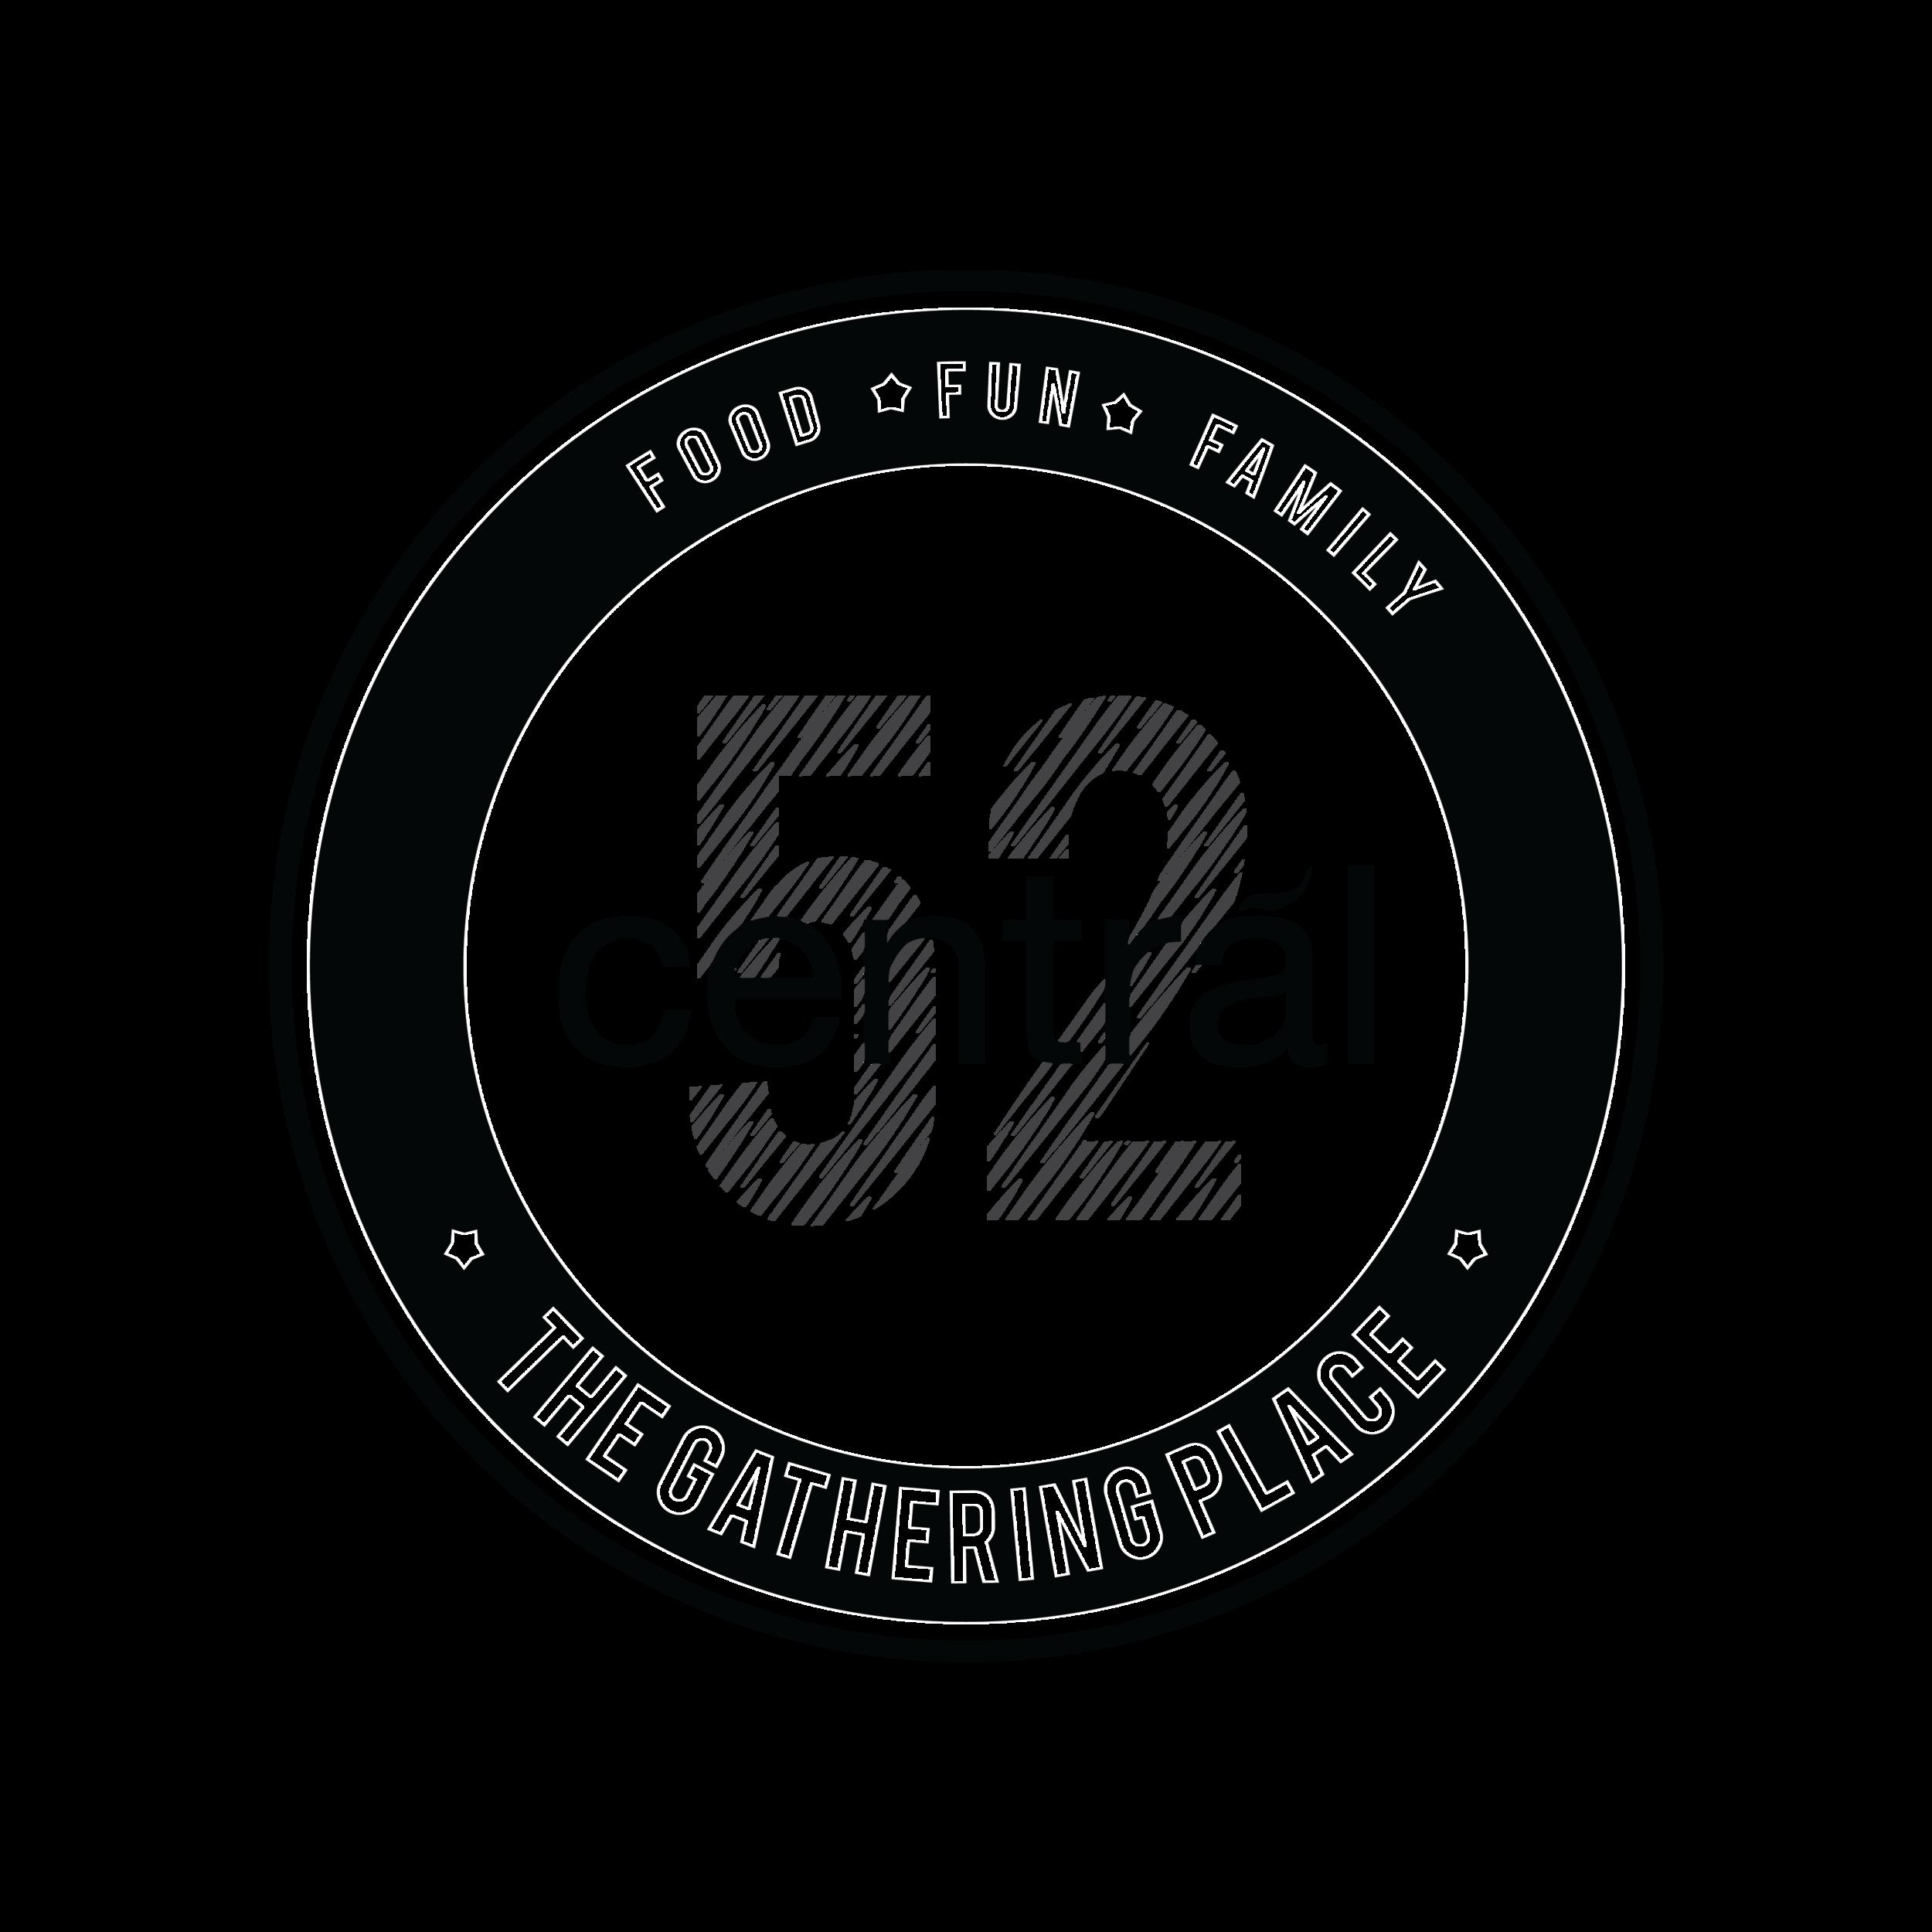 Central 52 transparent logo